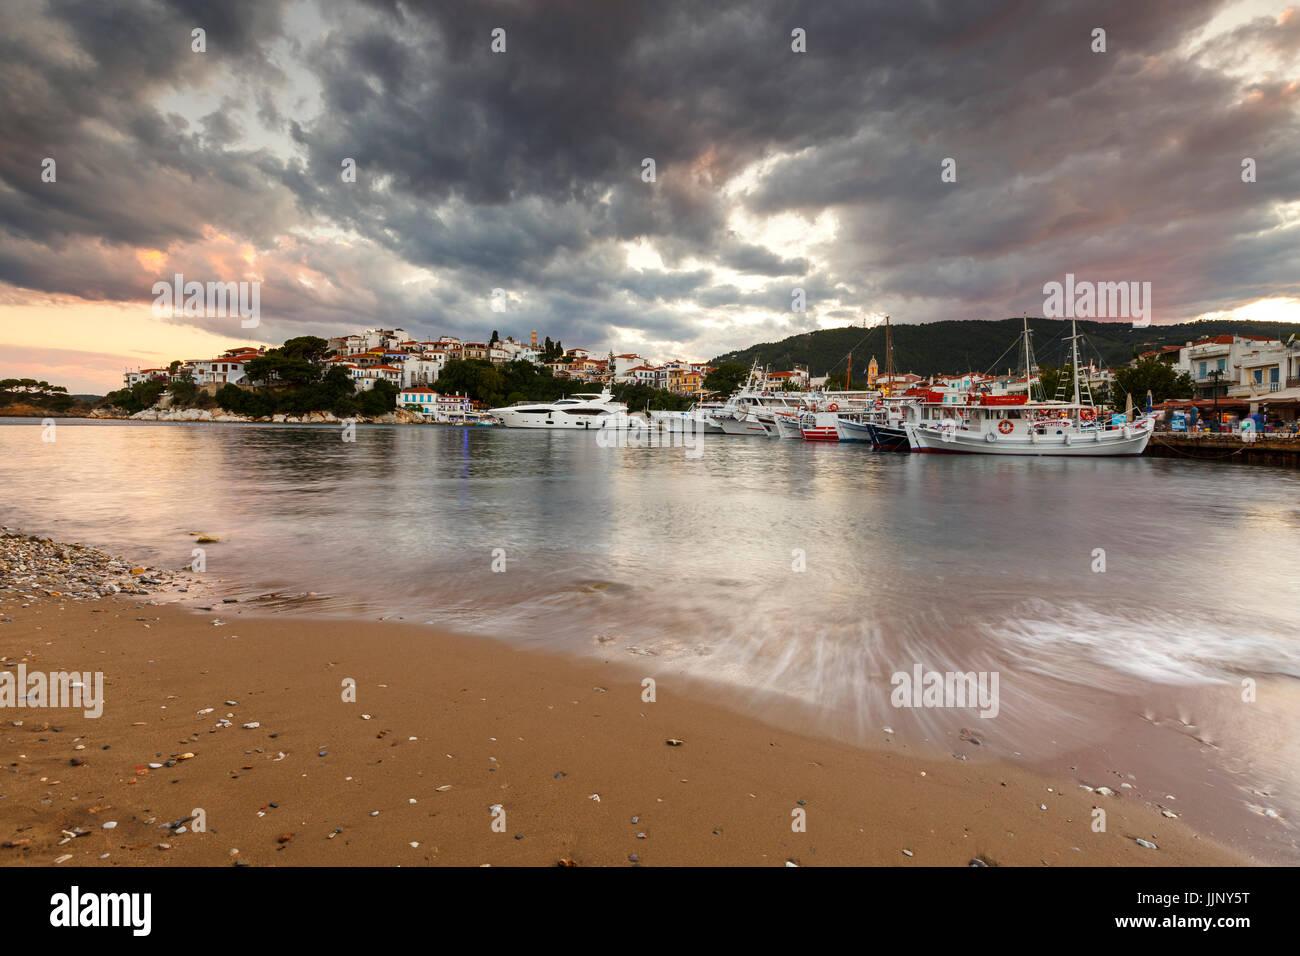 Soir sur le port sur l'île de Skiathos, Grèce. Photo Stock